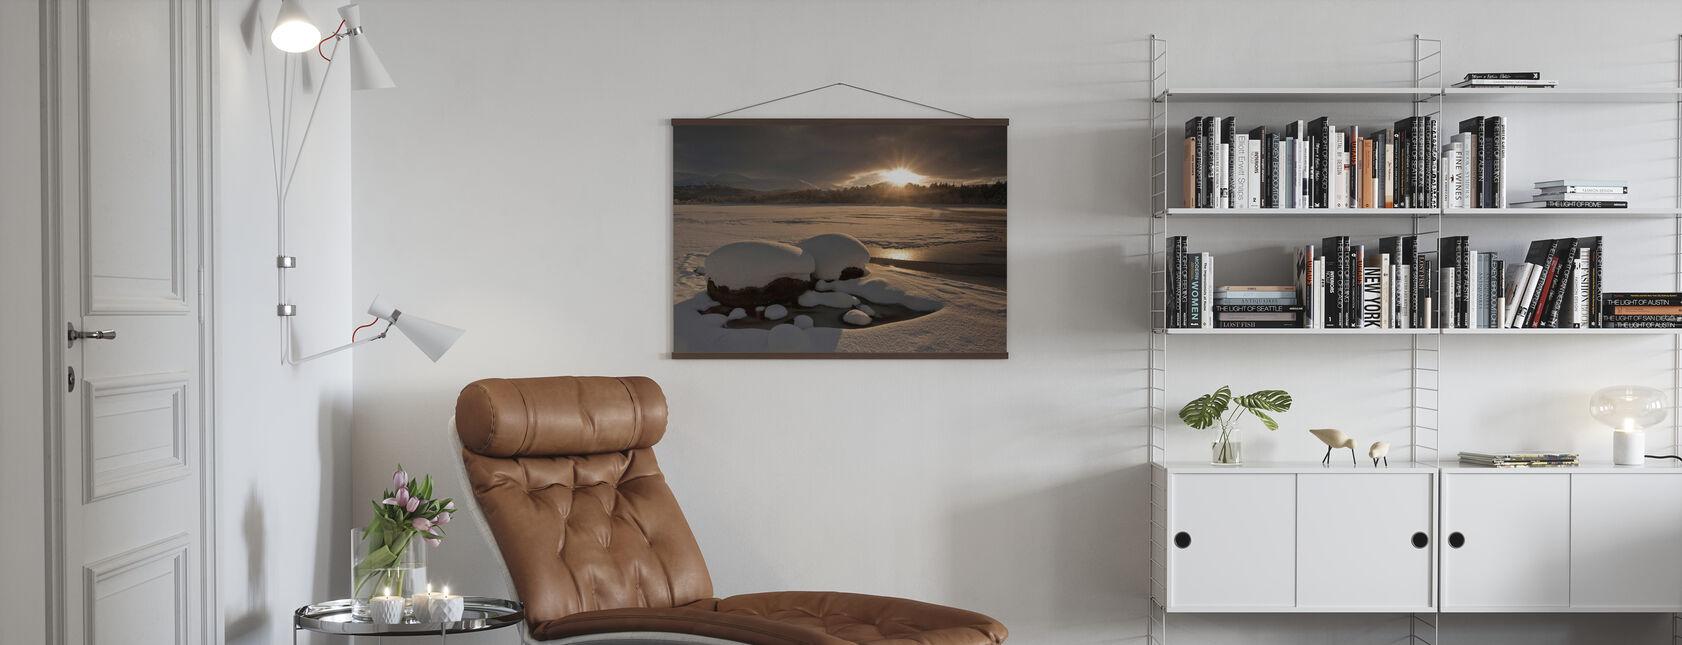 Loch Morlich fryst över - Poster - Vardagsrum